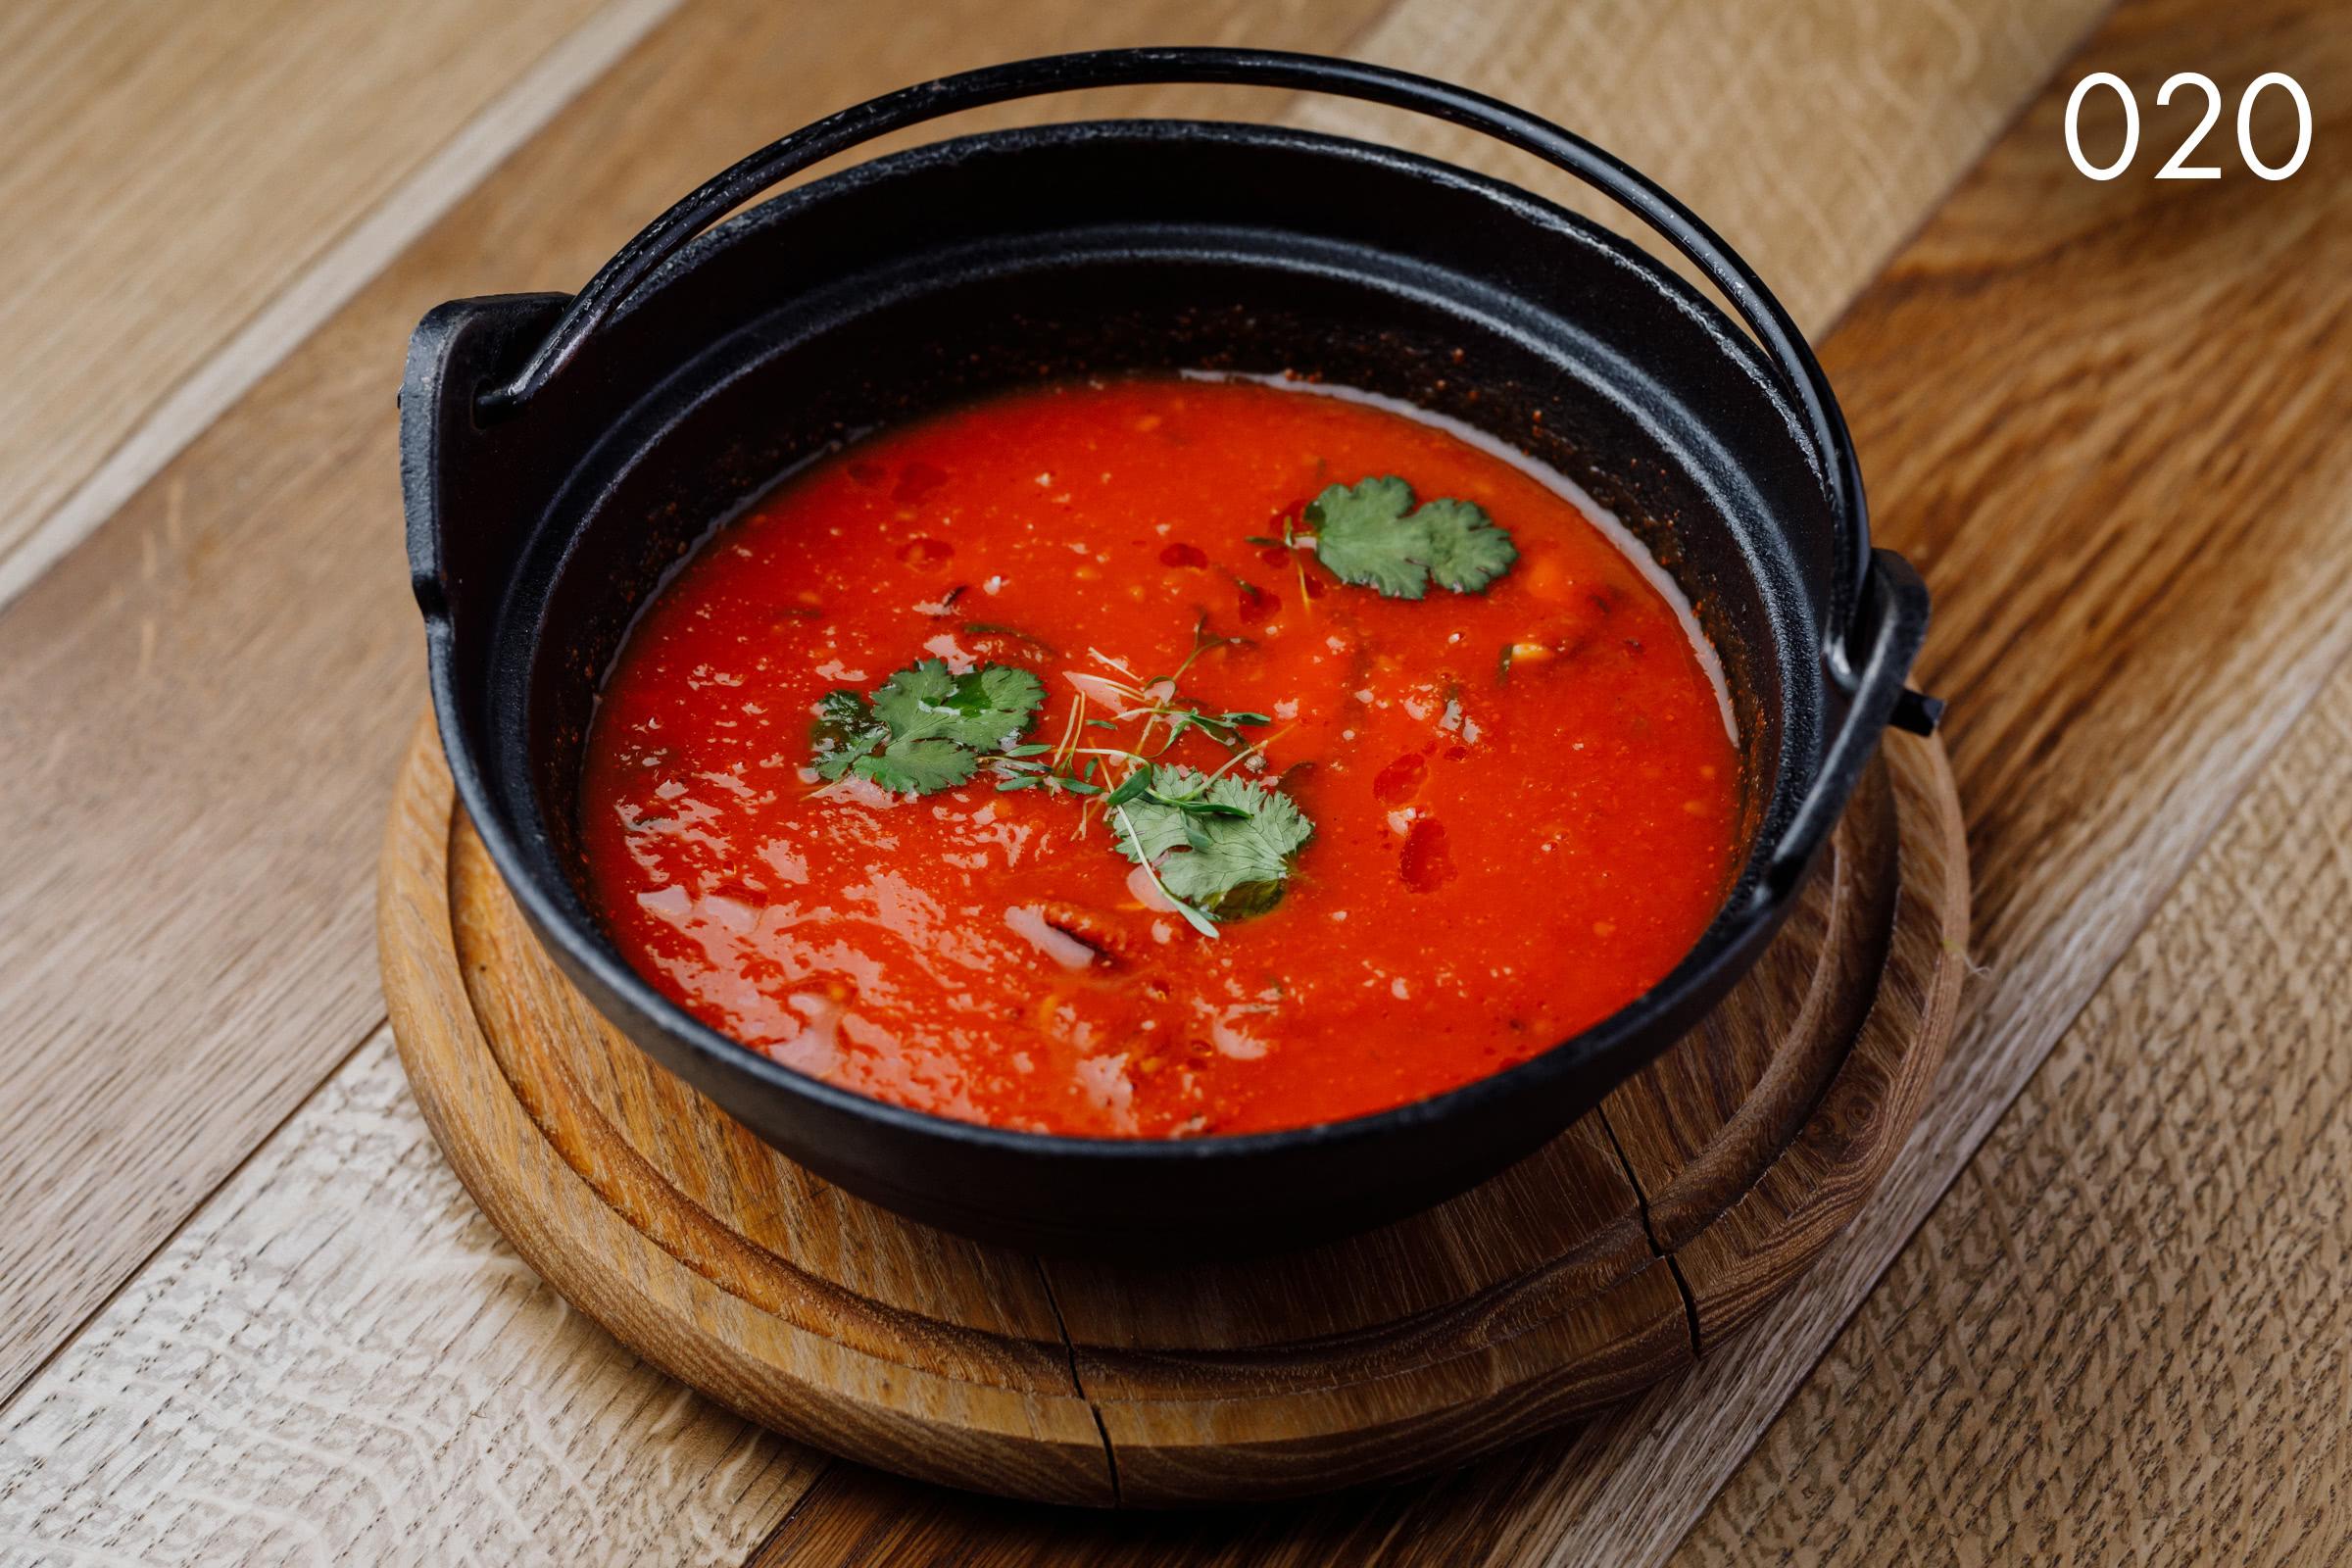 суп томатный с чили, лососем и кальмаром в ресторане Веранда